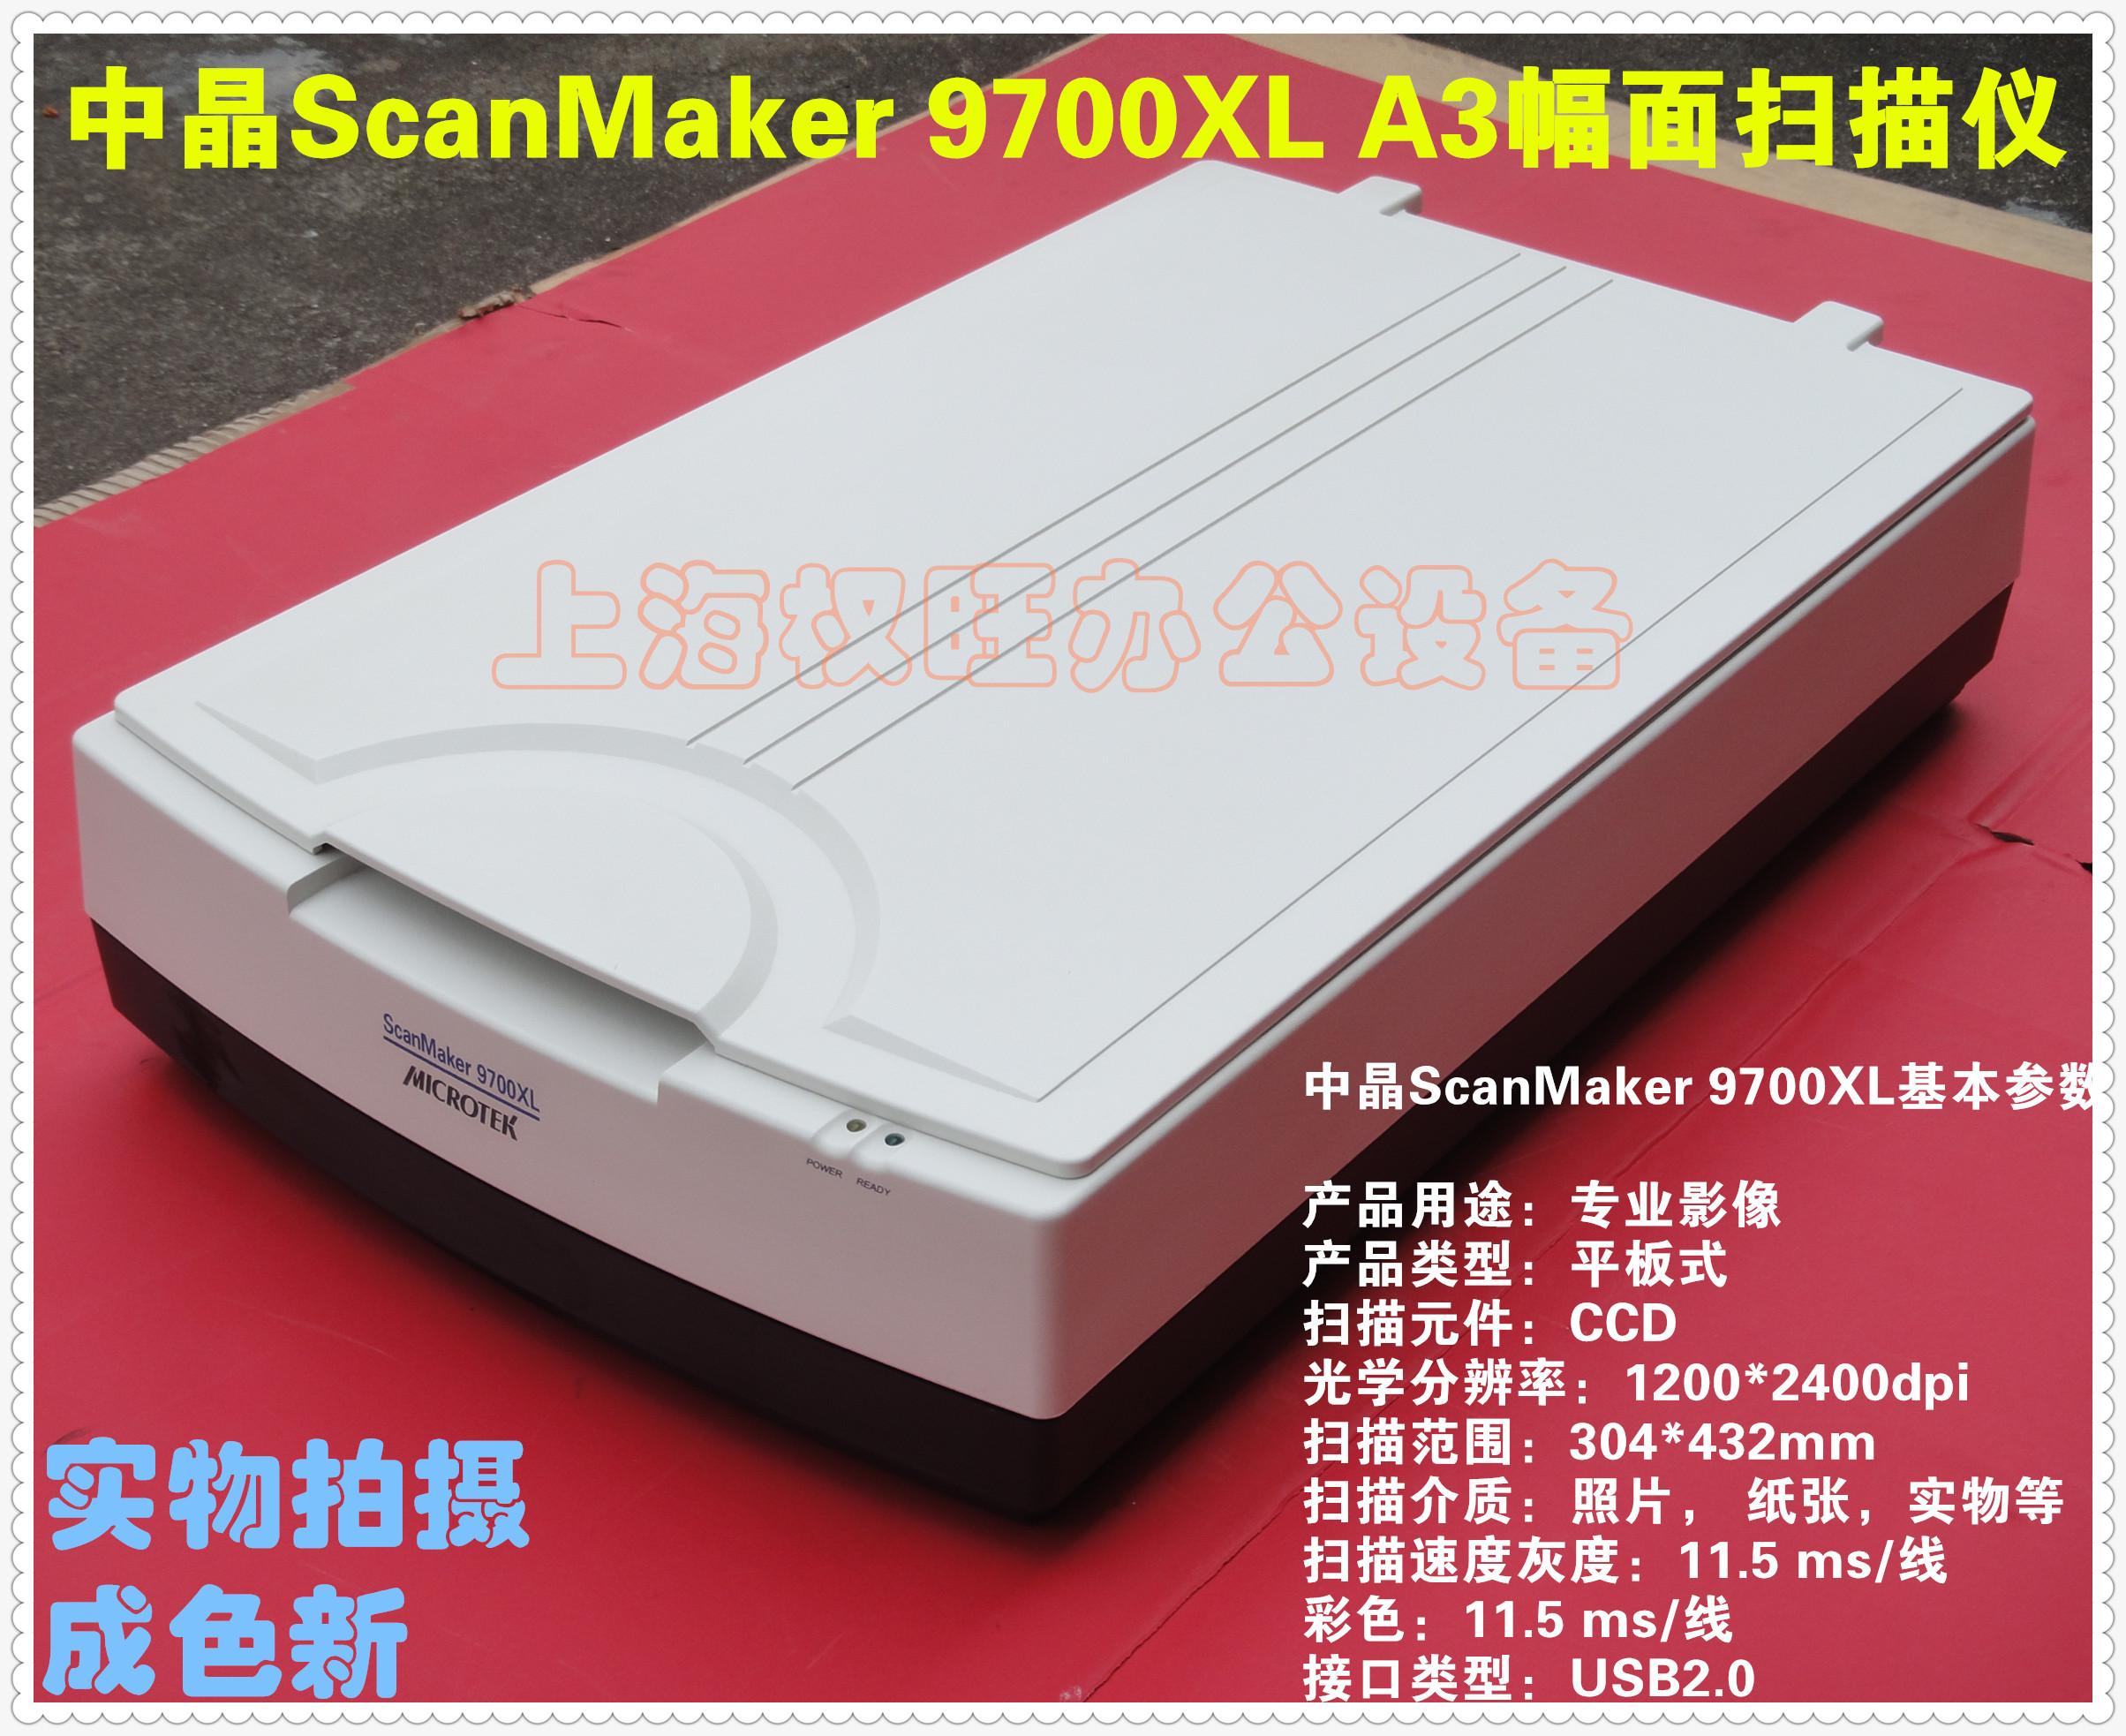 绣花 平板扫描仪 A3 1000XL 9800XL 9700XL 1600XL 800XL 中晶